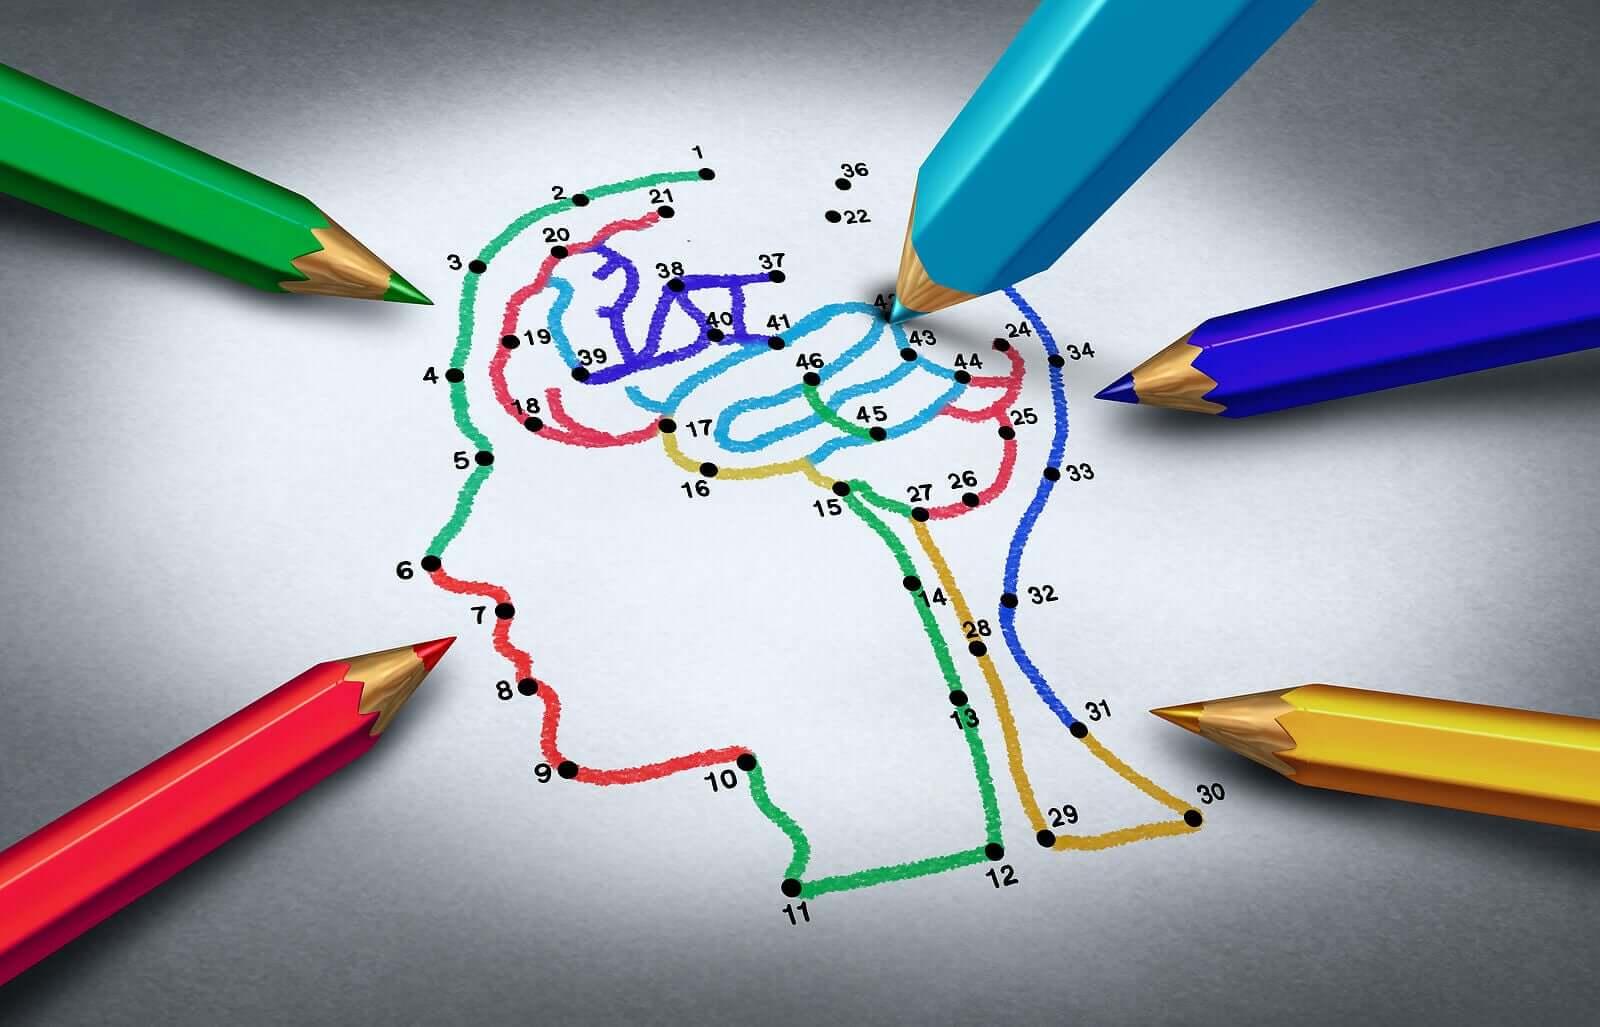 jogos de lápis e papel para se divertir em família